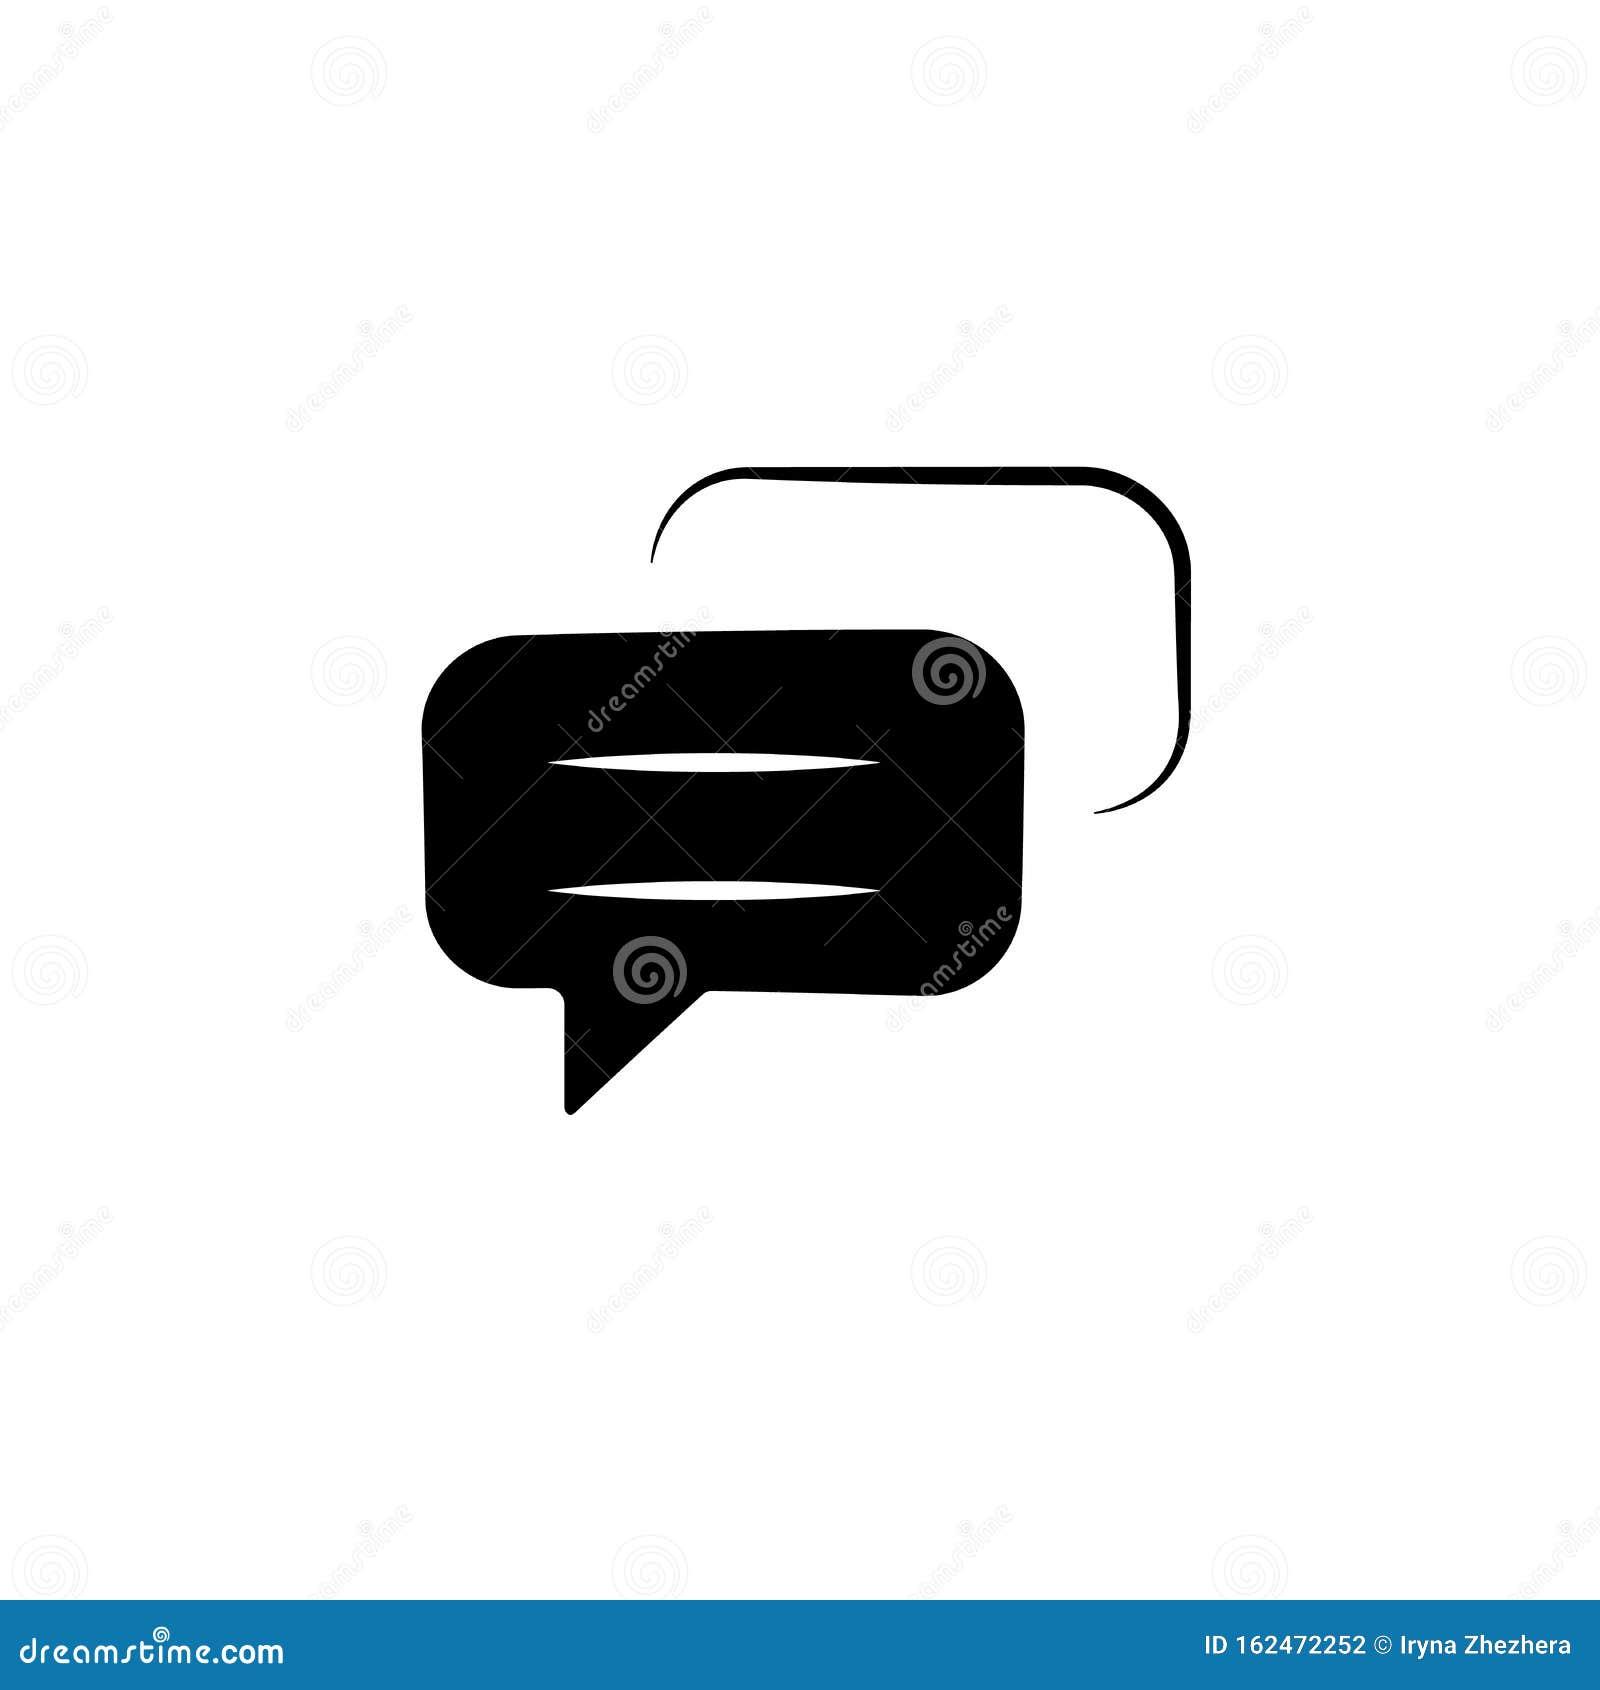 Chat zeichen bilder für Bilder und